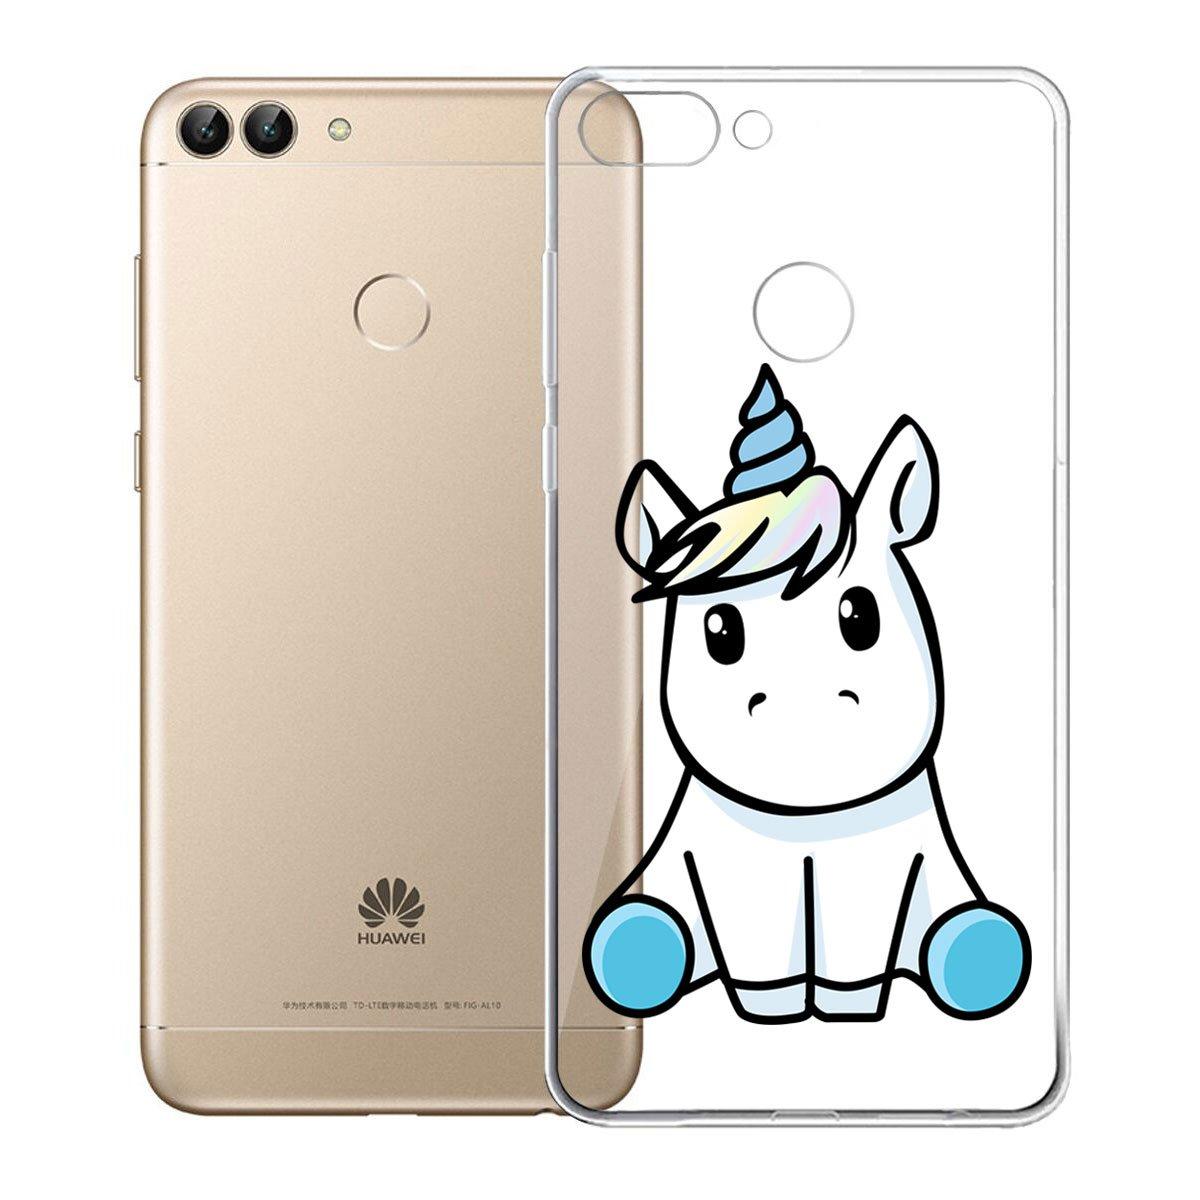 ZXLZKQ Funda para Huawei P Smart / Huawei Enjoy 7S Cover Gatito Transparente Funda TPU Gel Cubierta Suave Silicona Carcasa Case Cover Tapa Caso para Huawei P Smart / Huawei Enjoy 7S